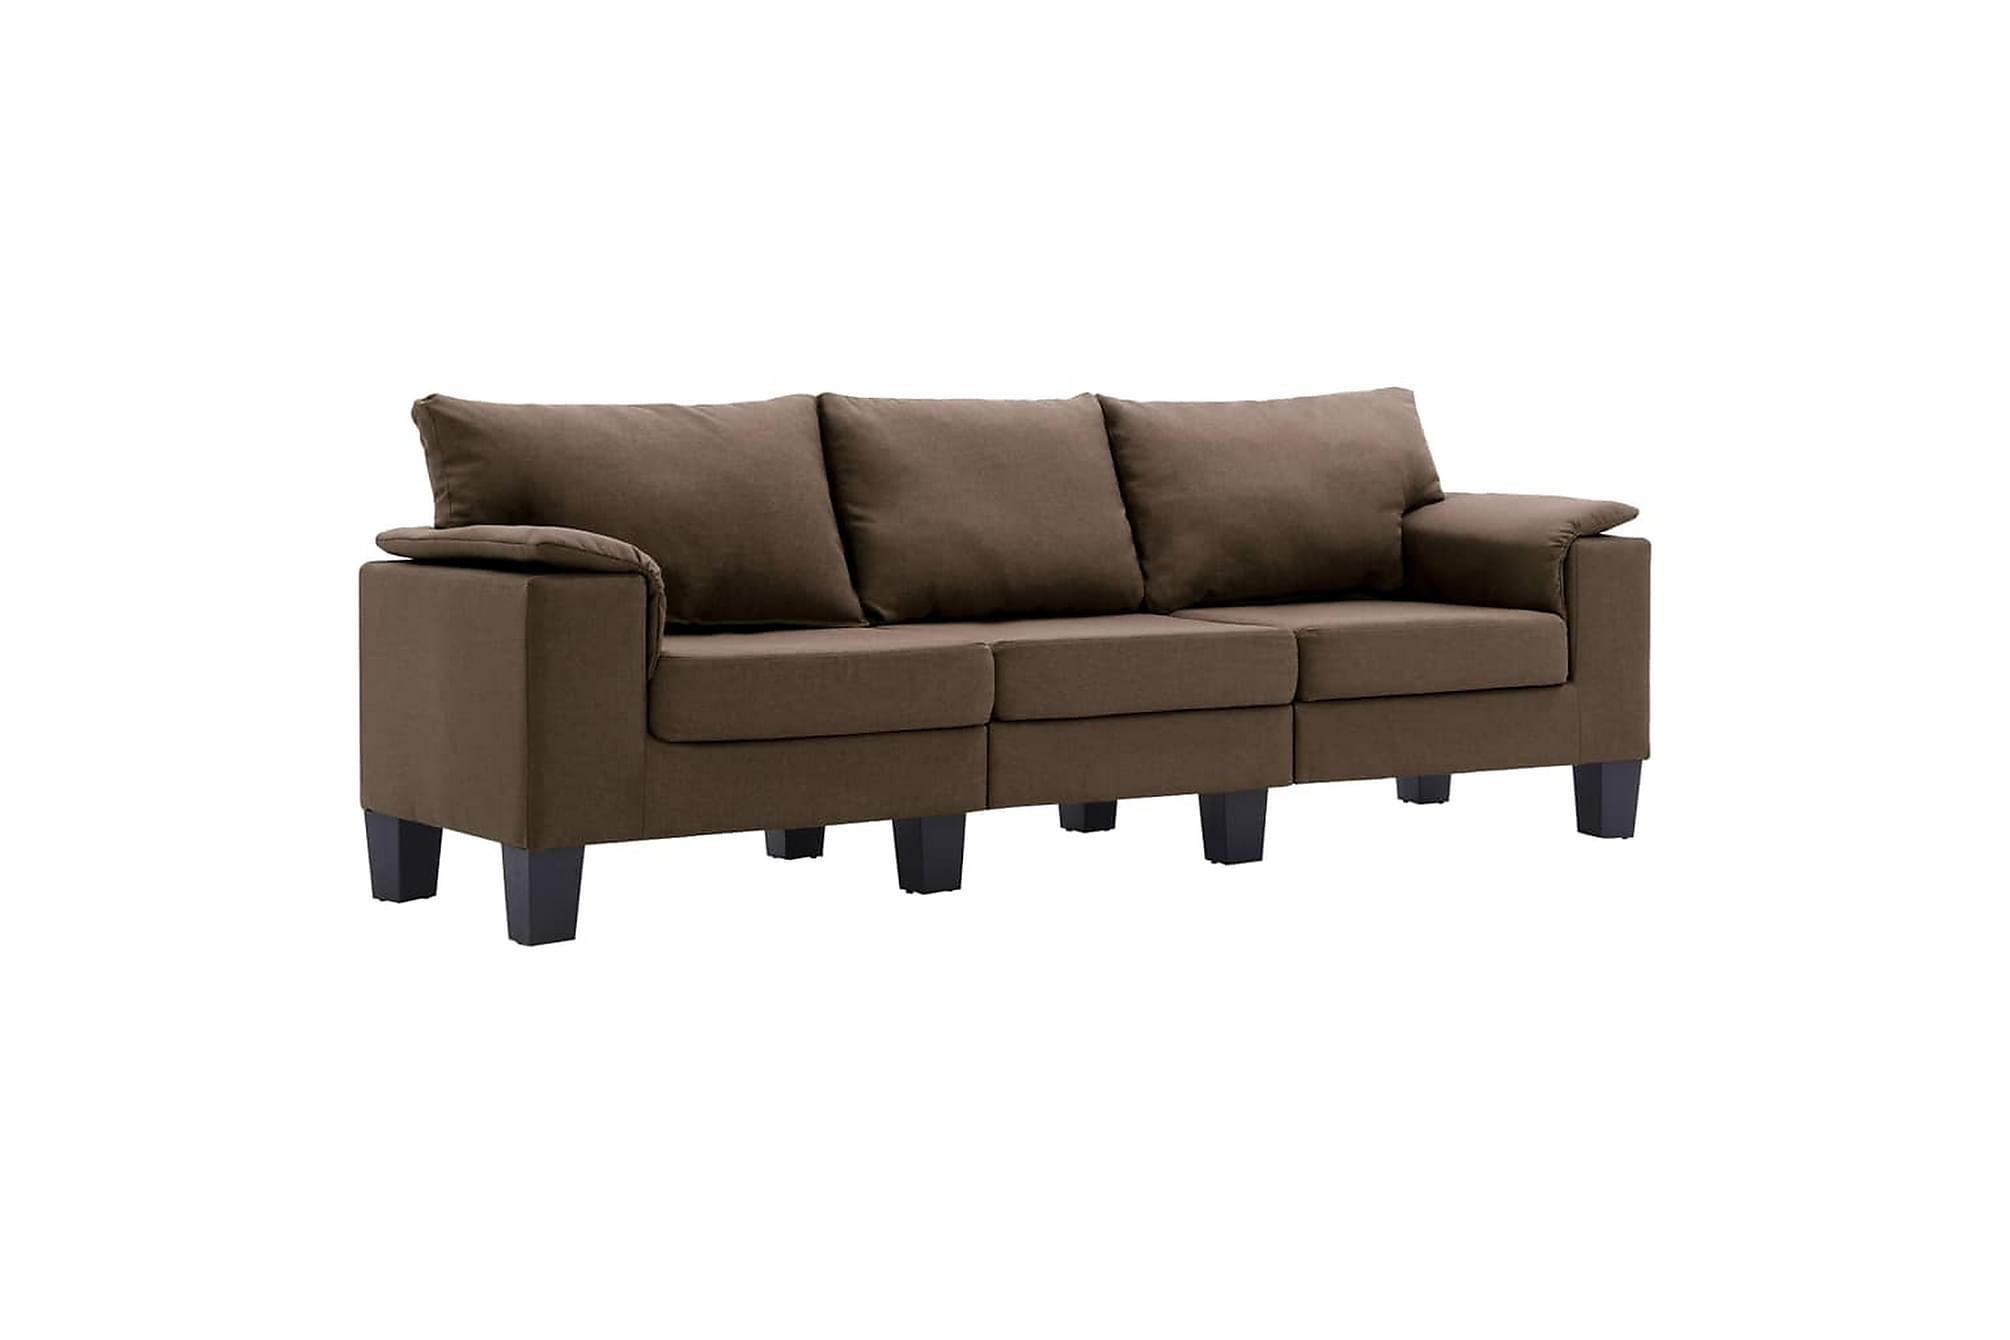 3-sitssoffa brun tyg